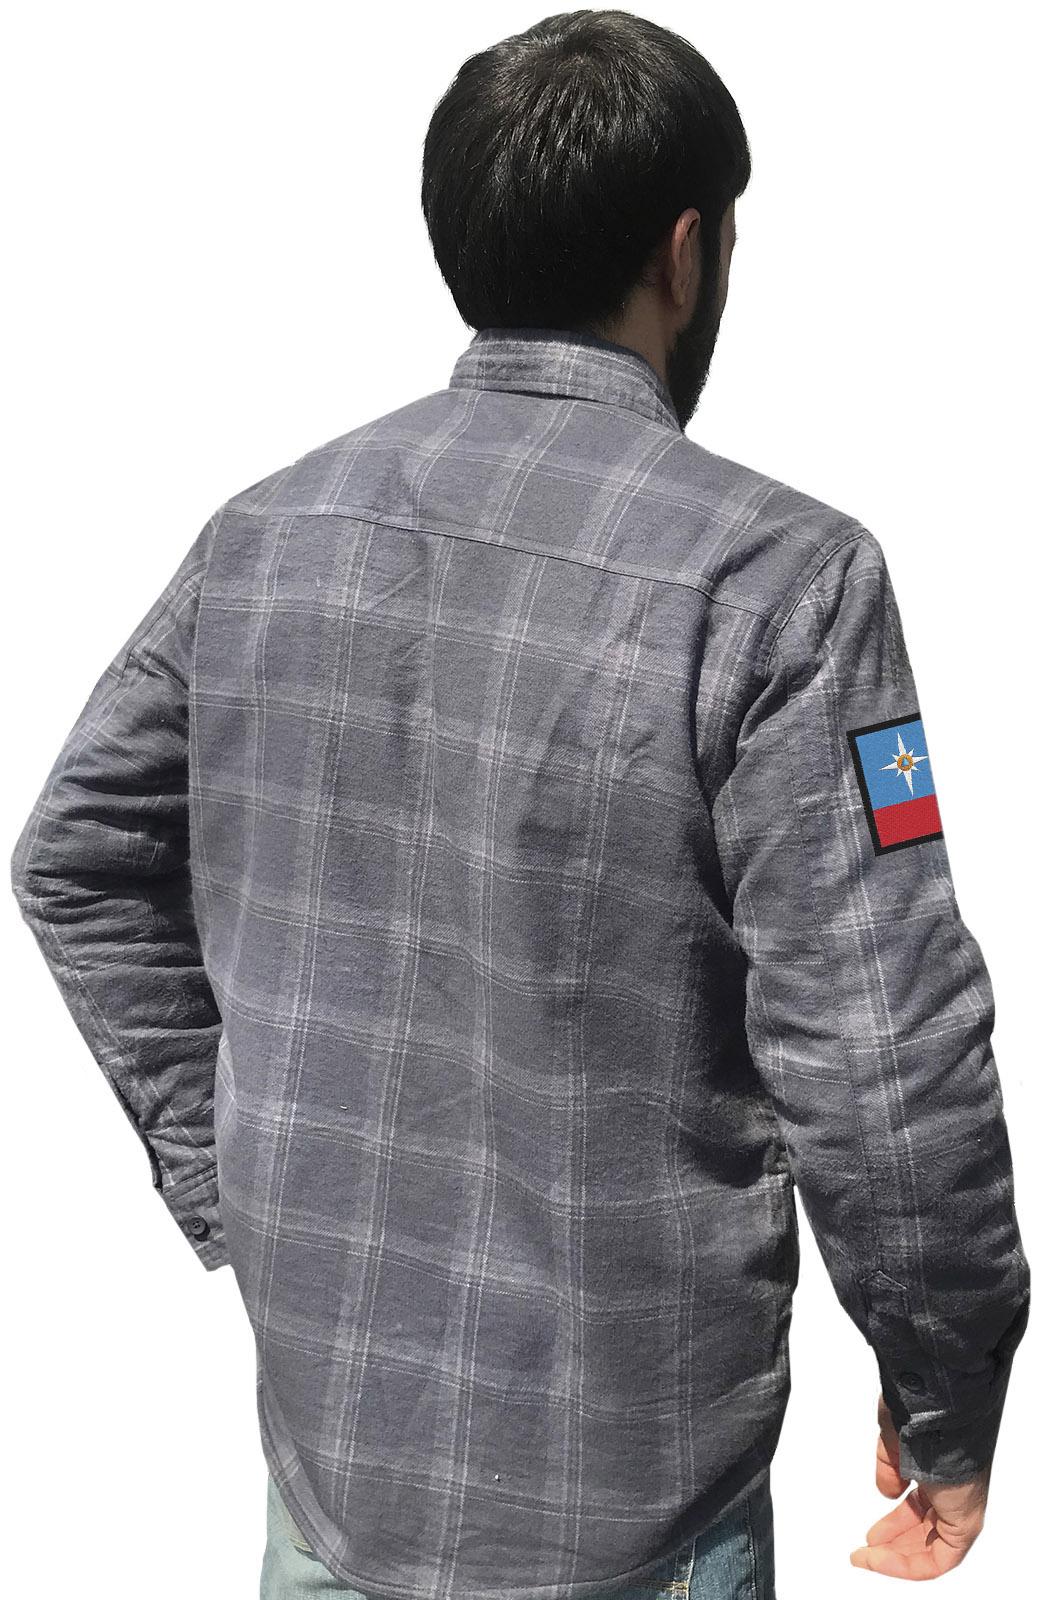 Купить мужскую крутую рубашку с вышитым шевроном МЧС РФ по низкой цене